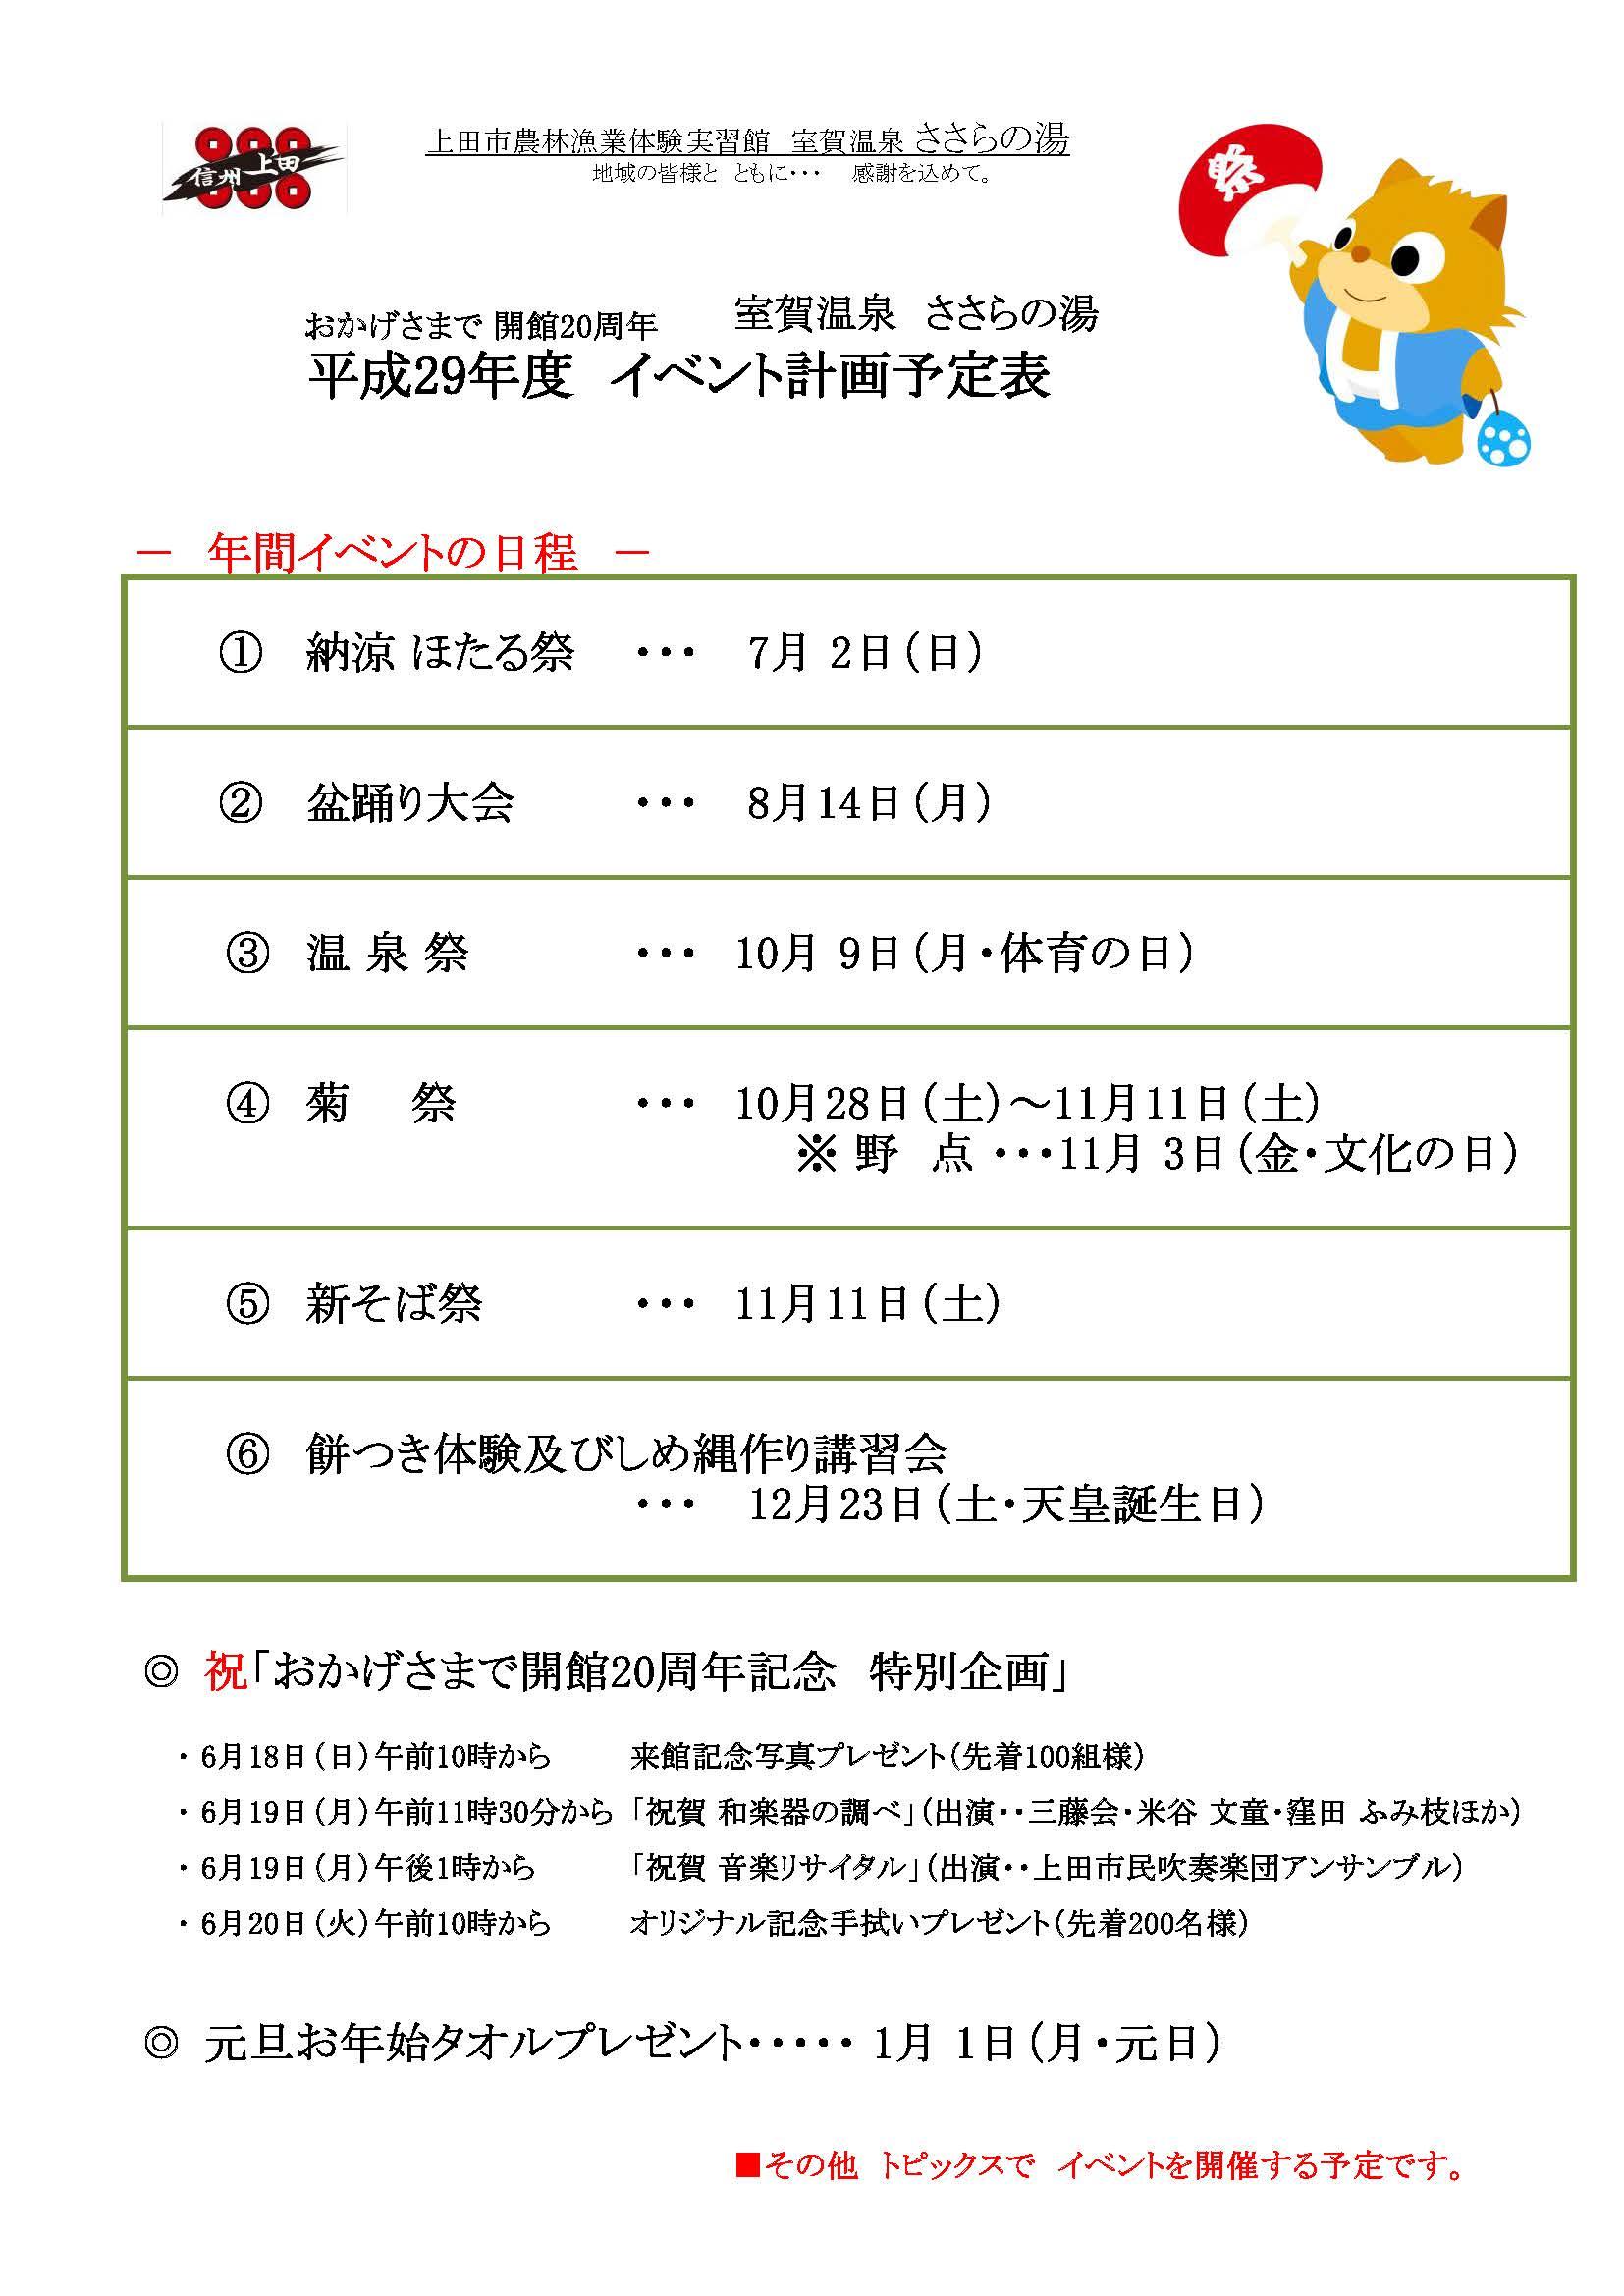 年間イベント予定表(h29イベント表)